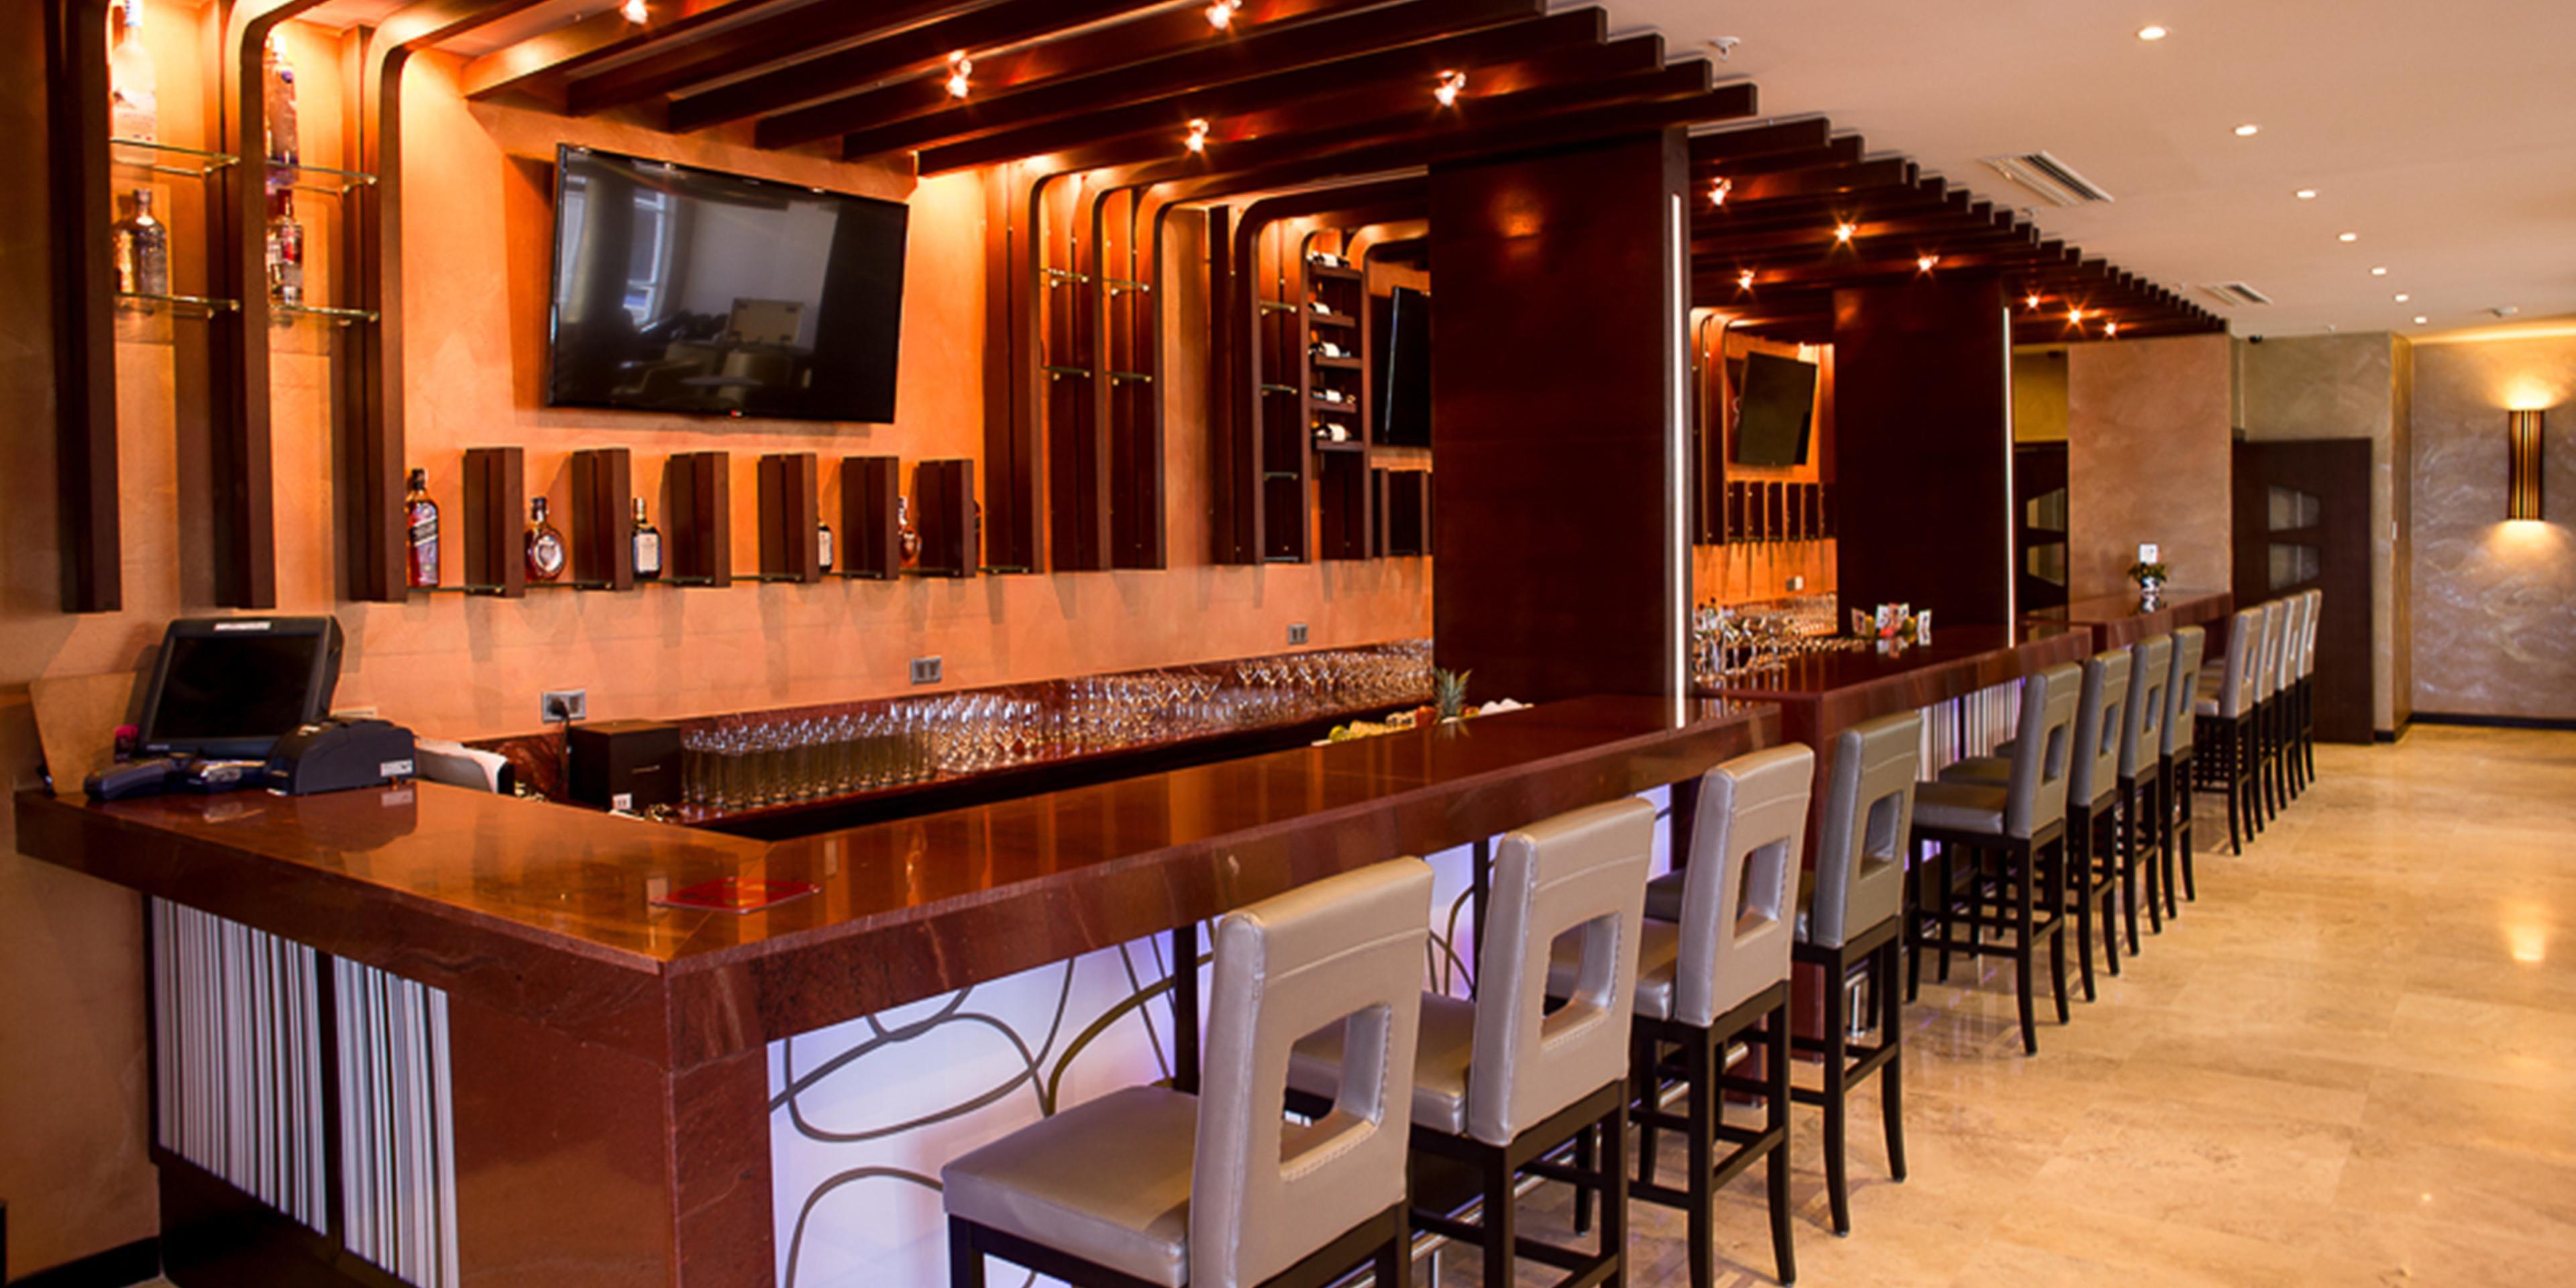 Bari Bar Lounge